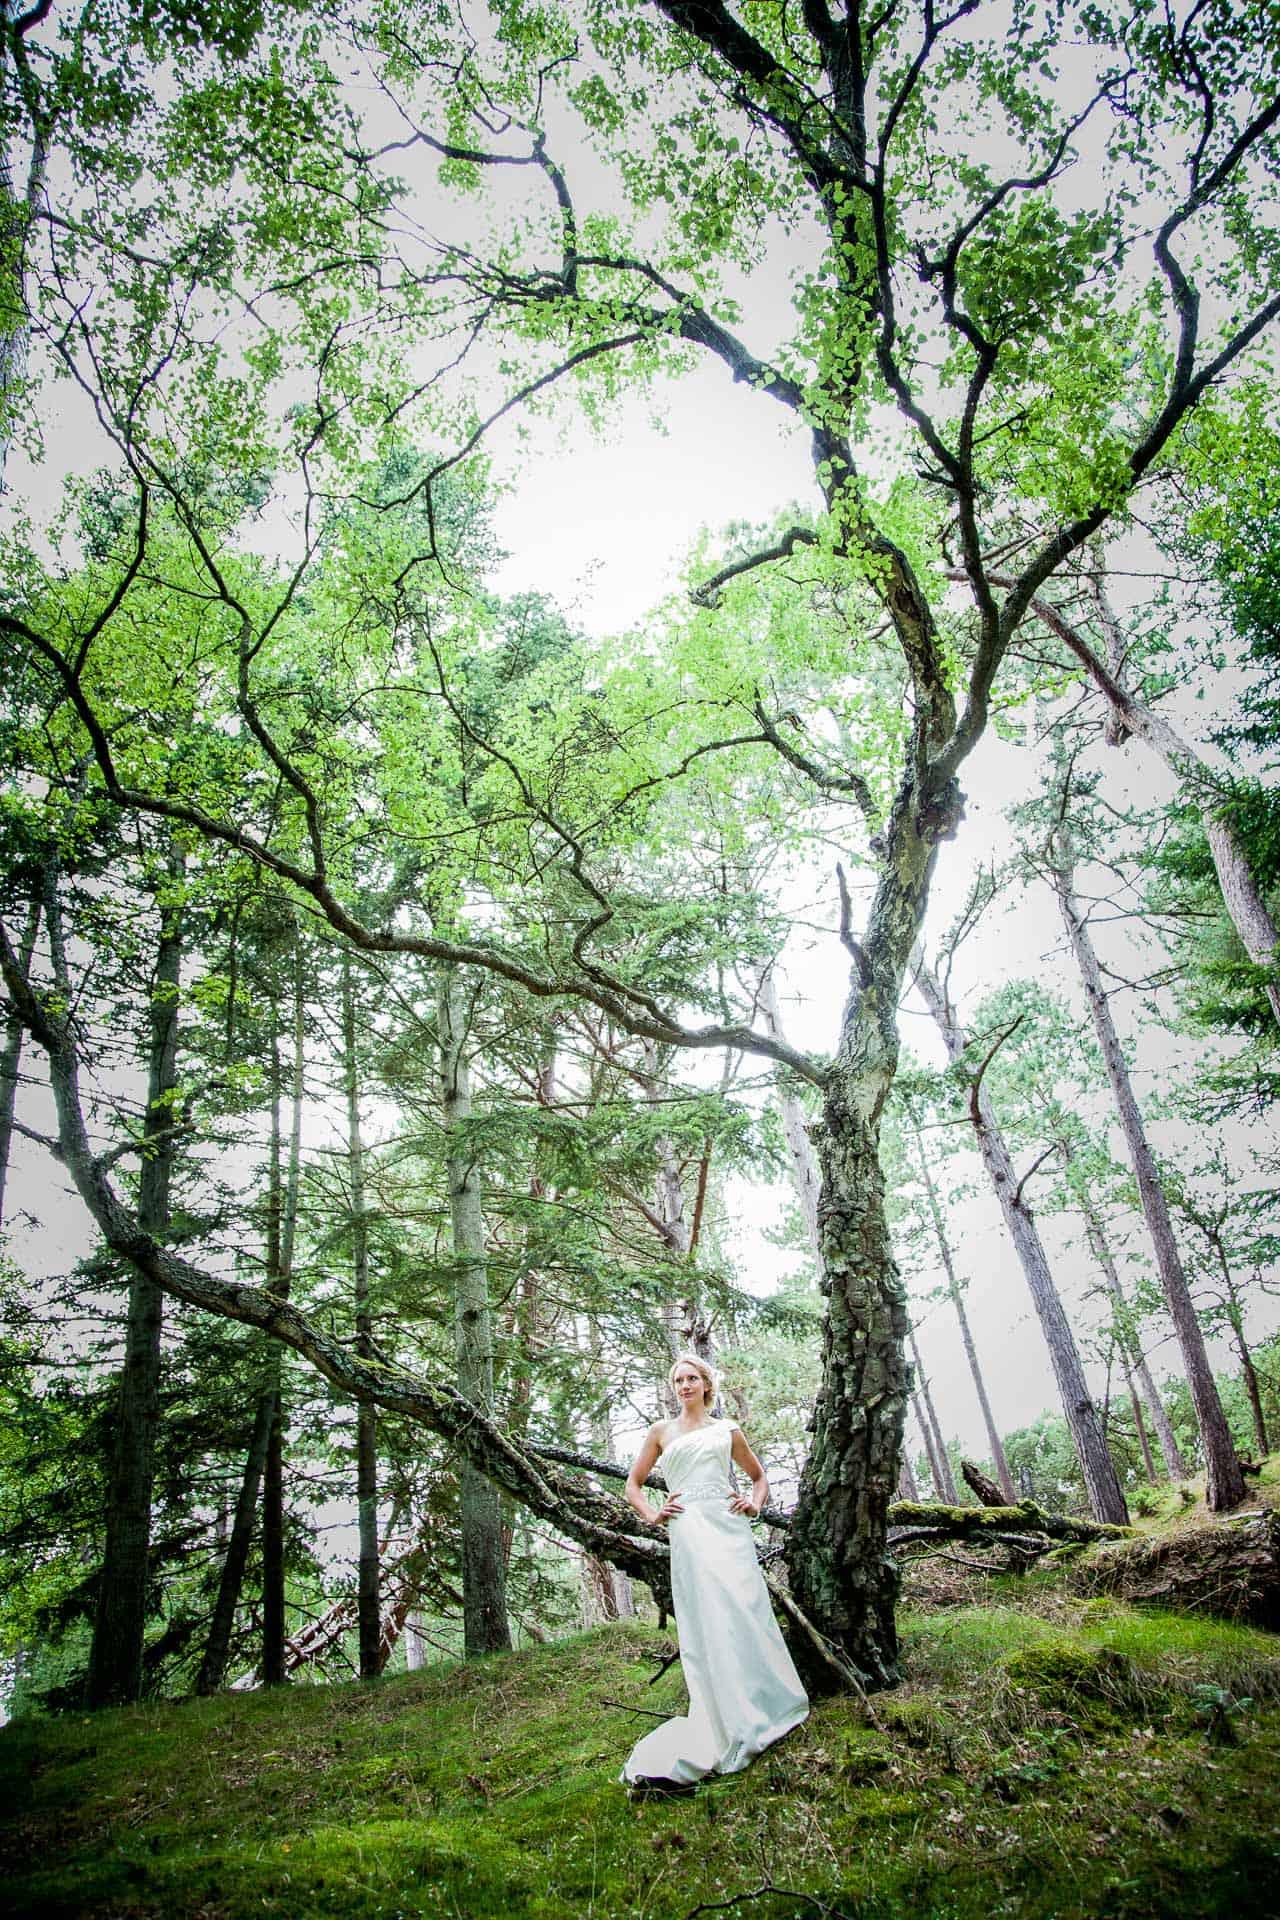 Bryllup: Små detaljer